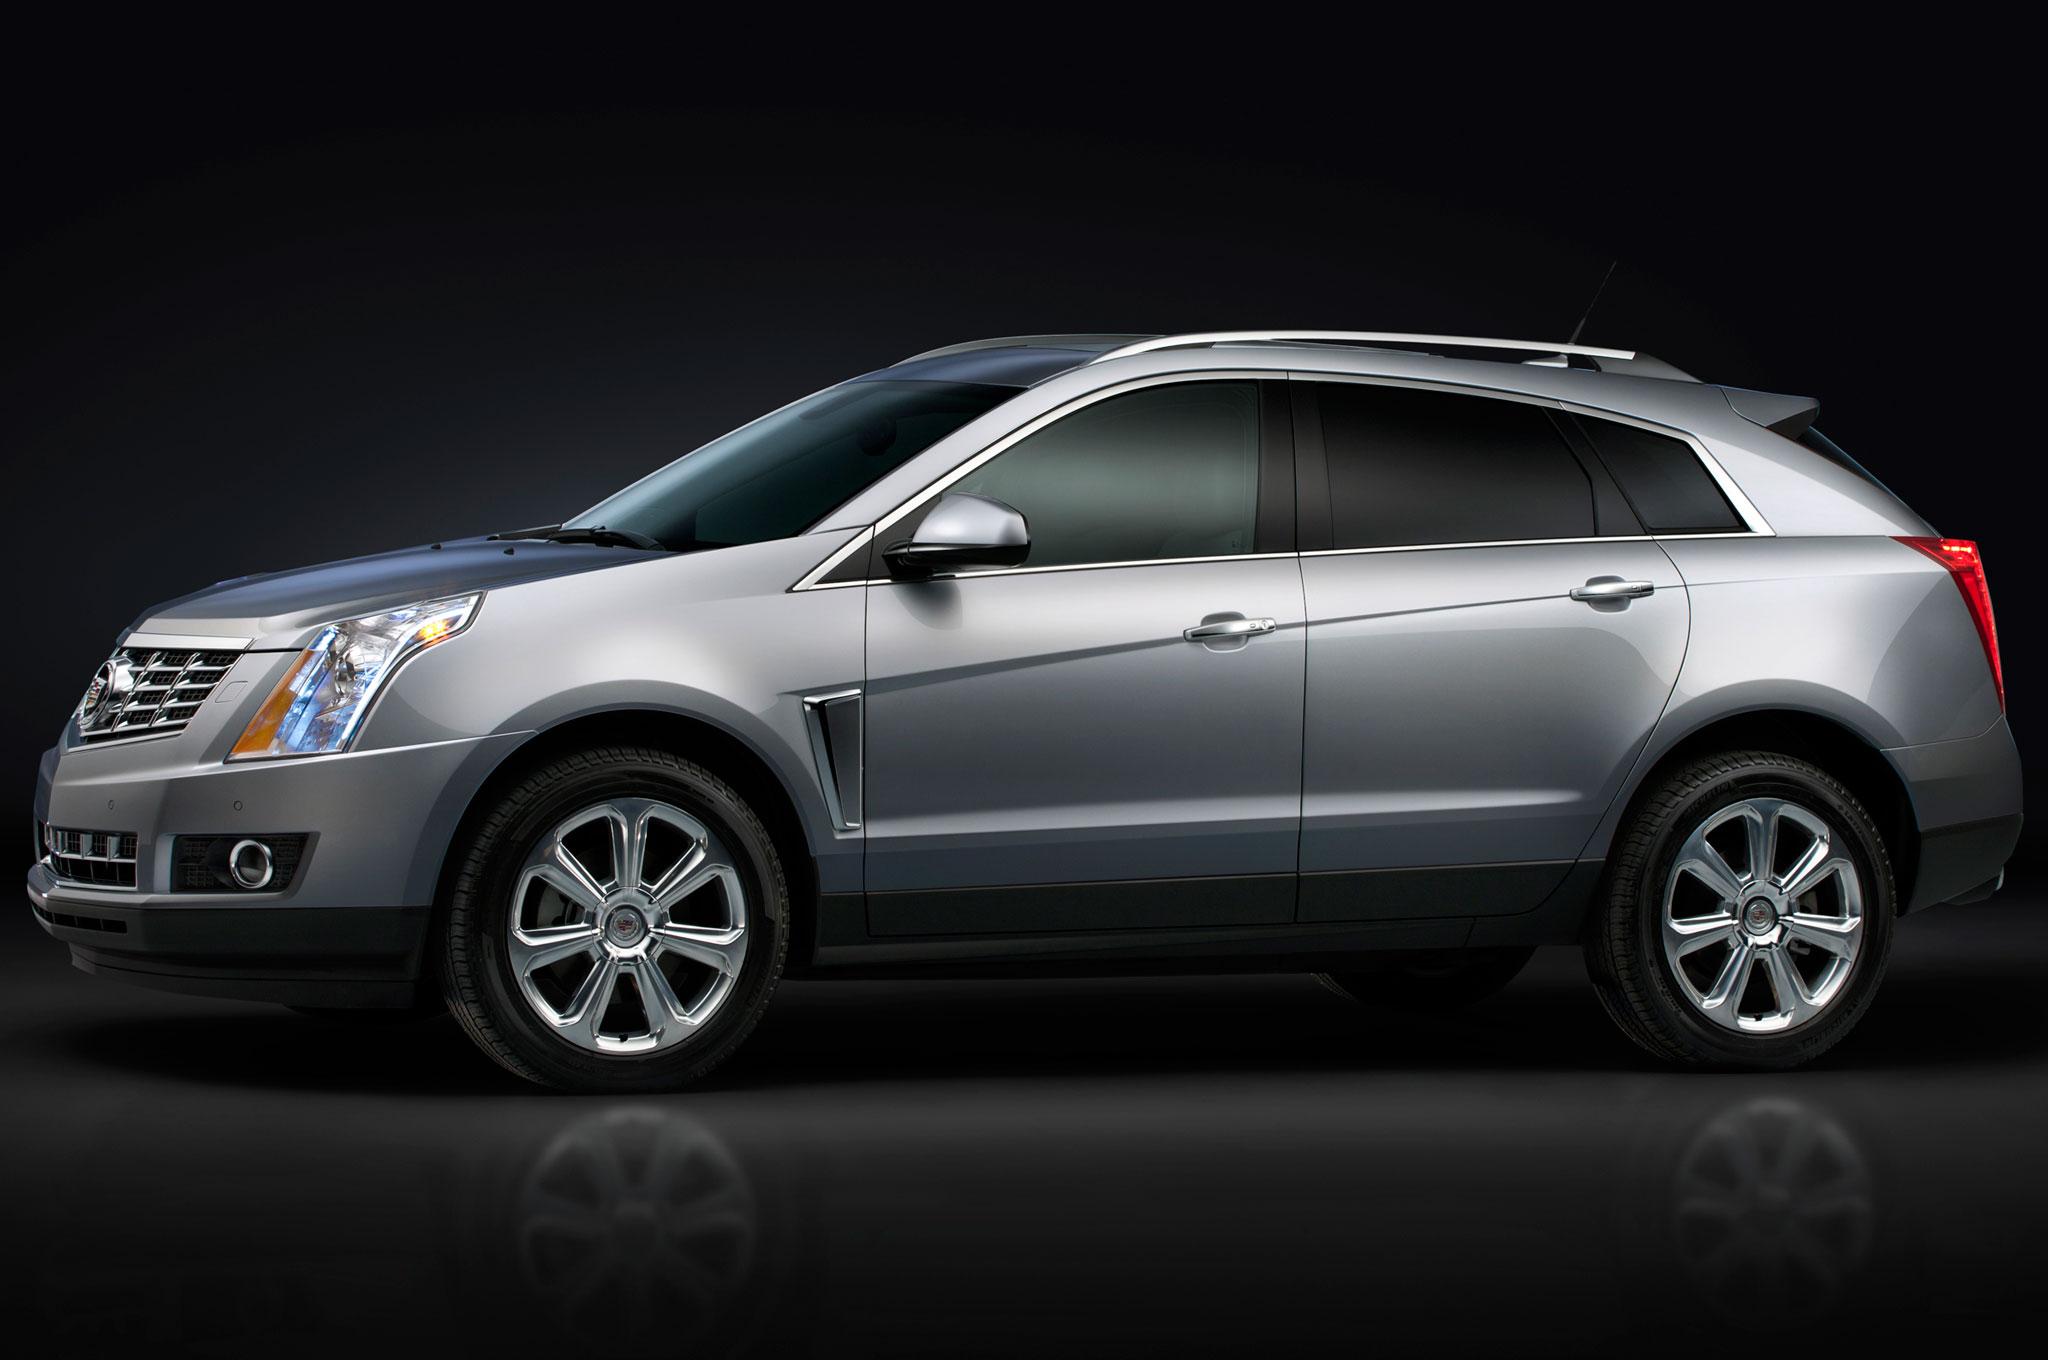 2014 Cadillac Srx Image 5